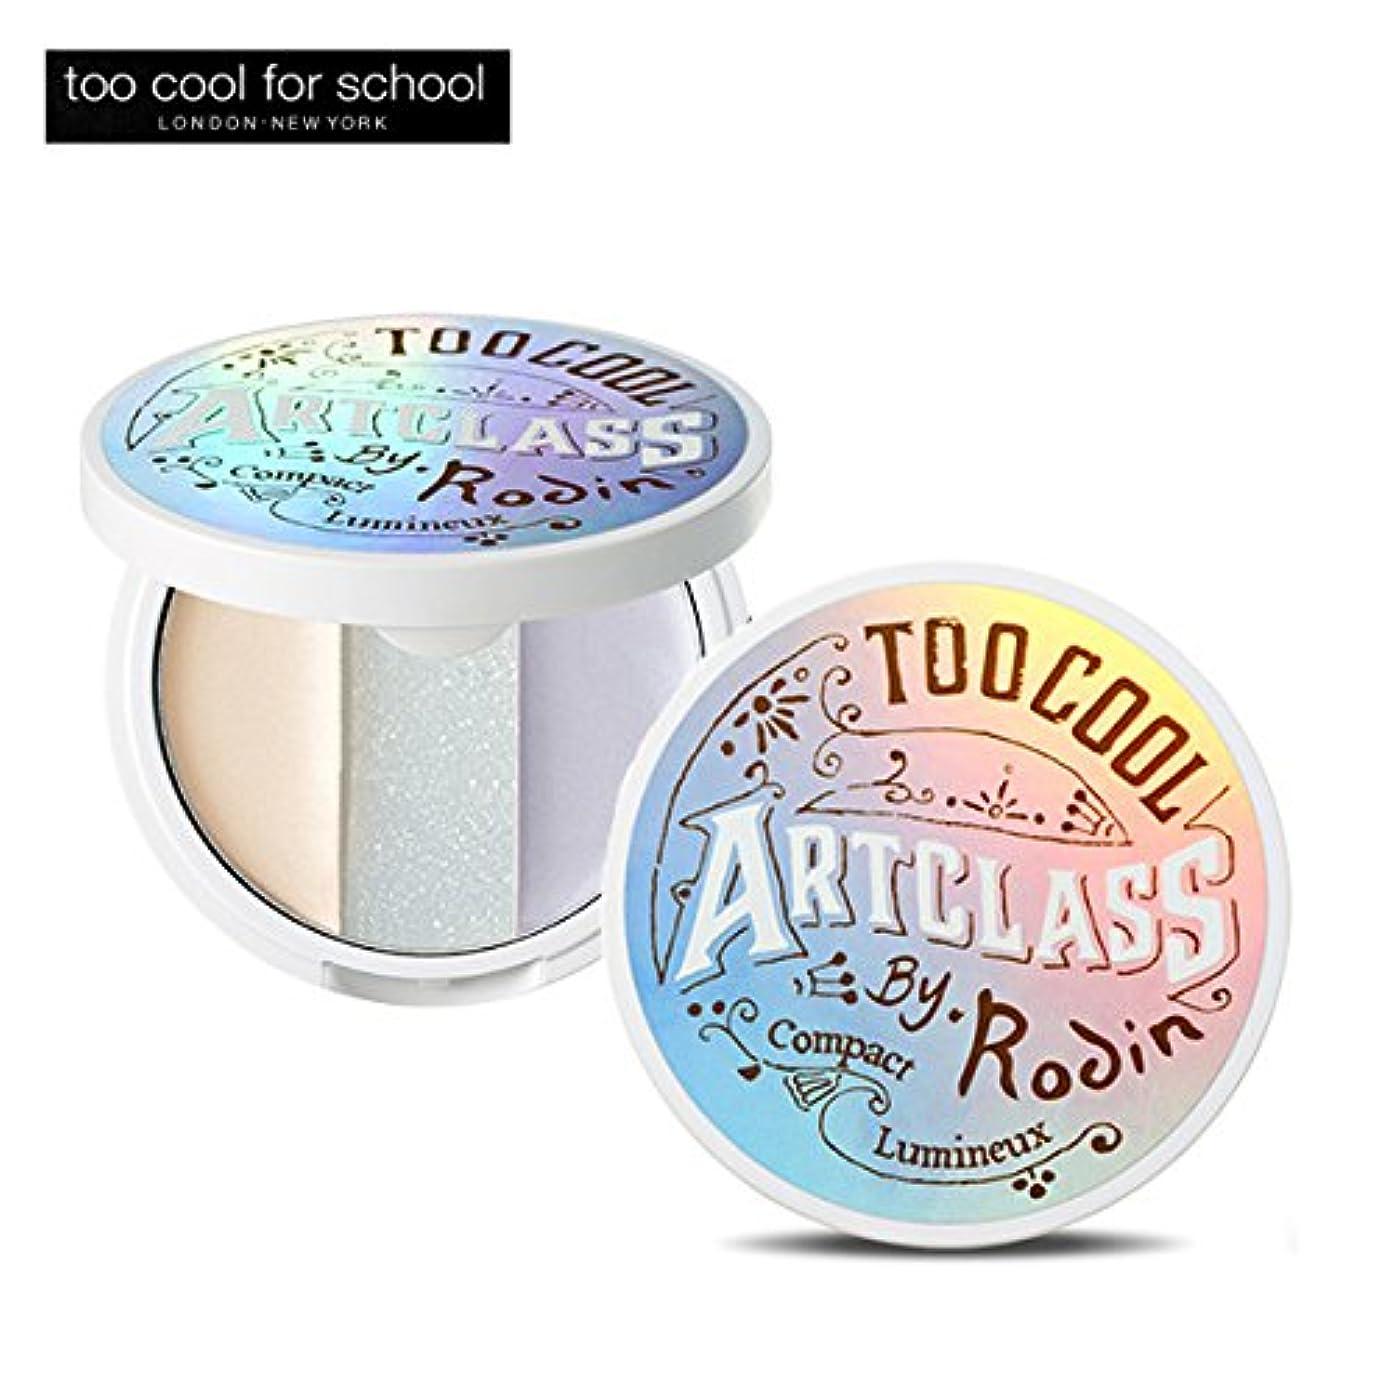 火曜日殺人アルネtoo cool for school(トゥークールフォースクール) アートクラス バイロデン ルミナスバーニッシュ(Art Class By Rodin Lumineuse Varnish)7g